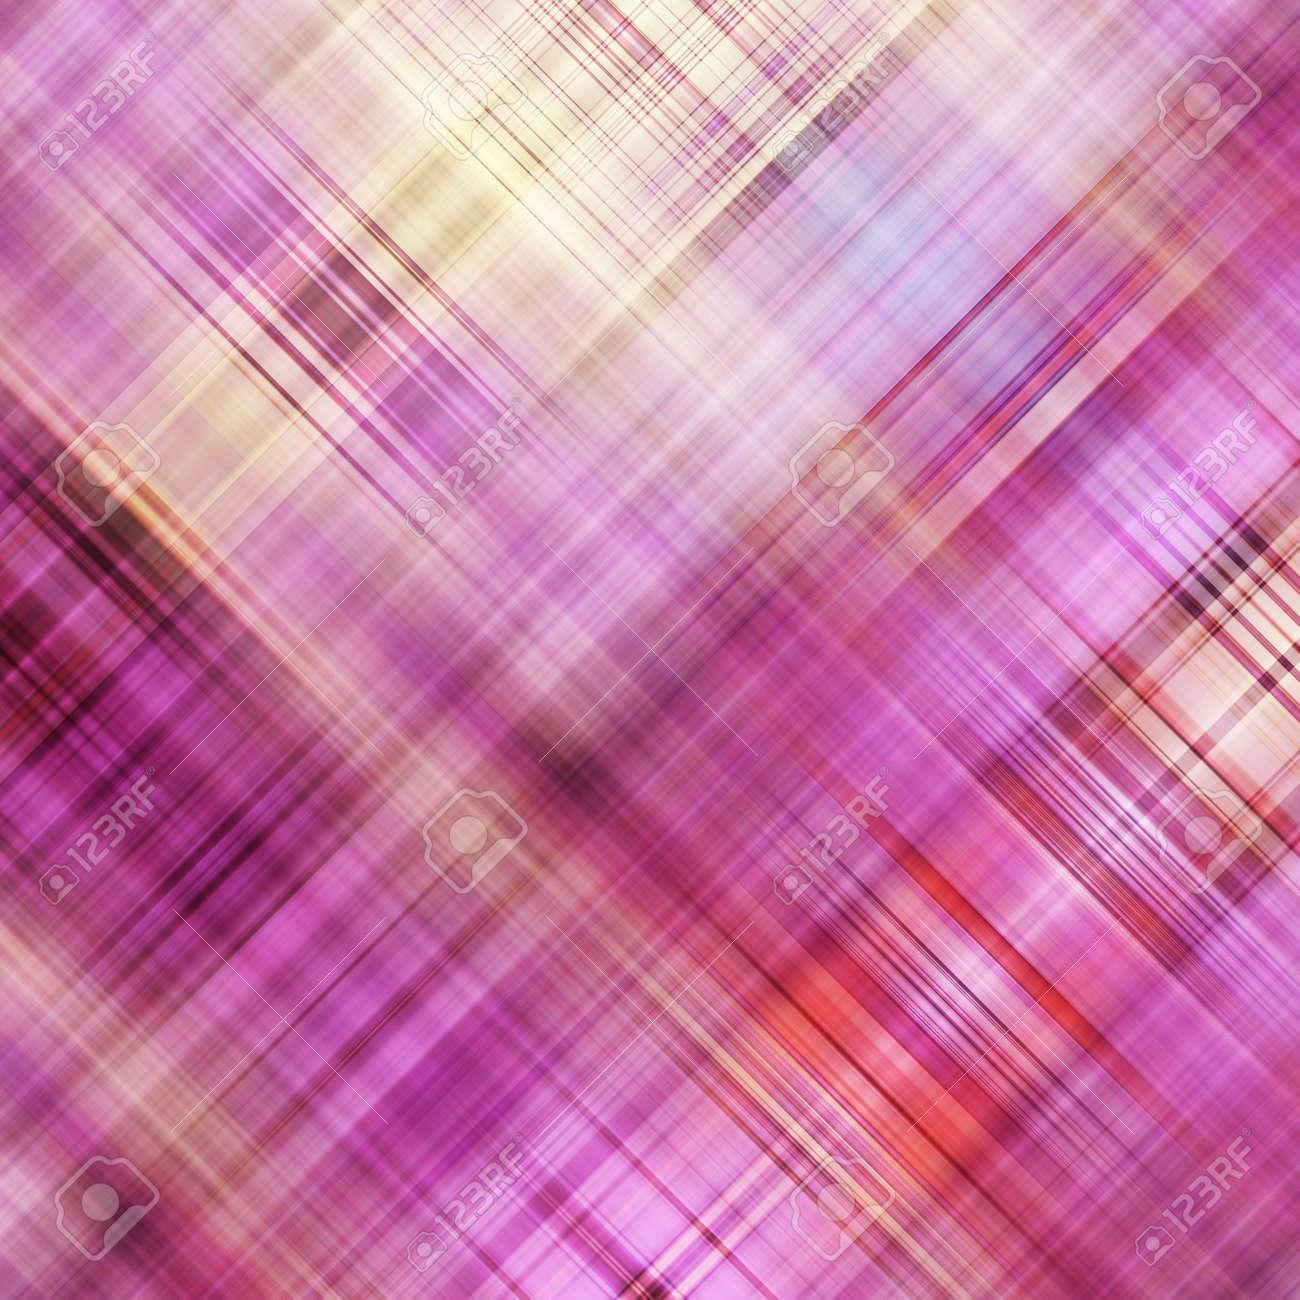 Art Abstrait Geometrique Diagonale Fond En Rose Lilas Les Couleurs